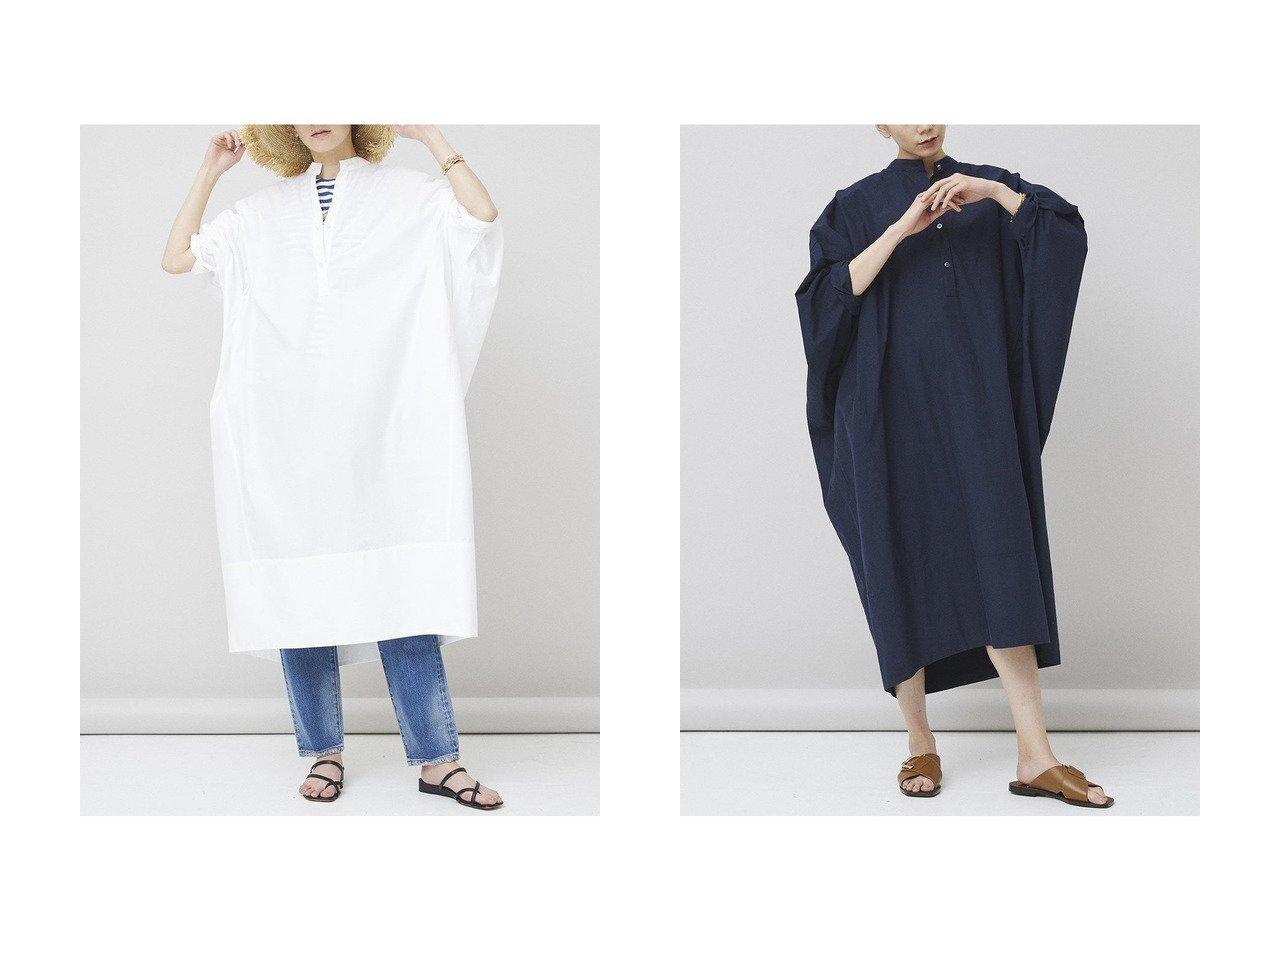 【Curensology/カレンソロジー】のボリュームシャツワンピース ワンピース・ドレスのおすすめ!人気、トレンド・レディースファッションの通販 おすすめで人気の流行・トレンド、ファッションの通販商品 メンズファッション・キッズファッション・インテリア・家具・レディースファッション・服の通販 founy(ファニー) https://founy.com/ ファッション Fashion レディースファッション WOMEN ワンピース Dress シャツワンピース Shirt Dresses 2020年 2020 2020-2021 秋冬 A/W AW Autumn/Winter / FW Fall-Winter 2020-2021 2021年 2021 2021 春夏 S/S SS Spring/Summer 2021 インナー サマー シンプル タートル デニム ボーダー リネン ロング 春 Spring A/W 秋冬 AW Autumn/Winter / FW Fall-Winter  ID:crp329100000011928